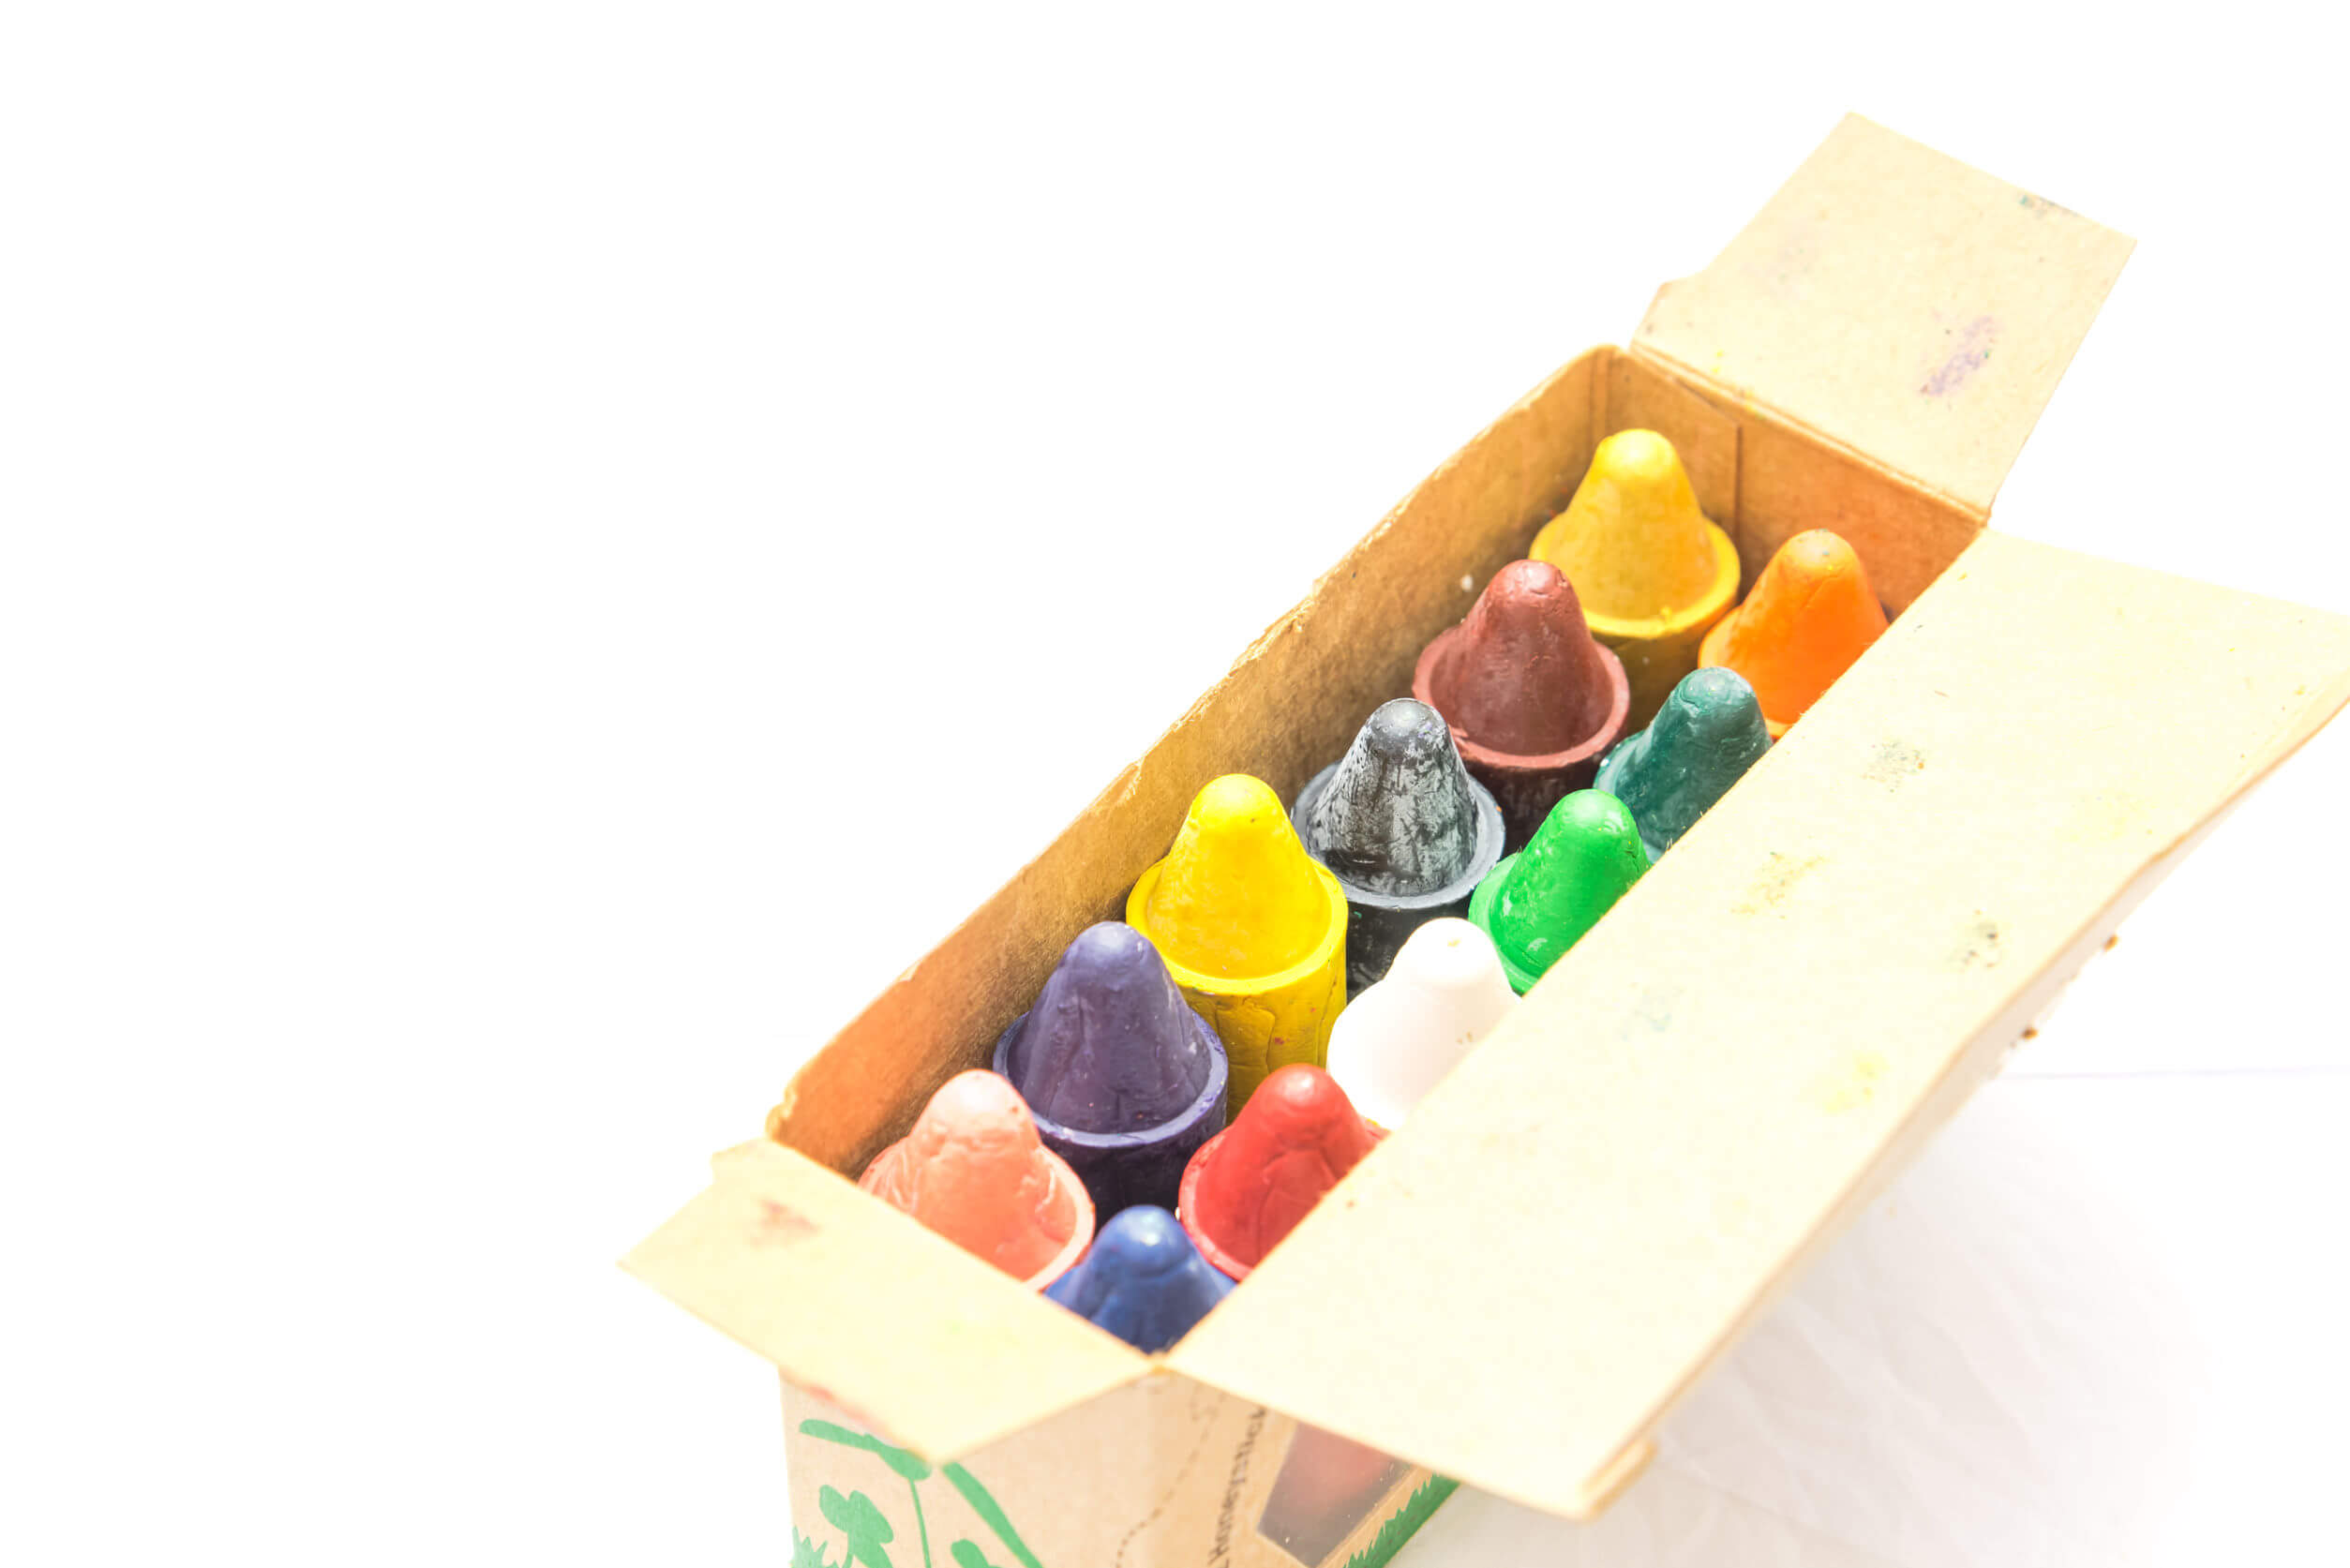 Pinturas hechas con cera de abejas, uno de los mejores juguetes ecológicos.